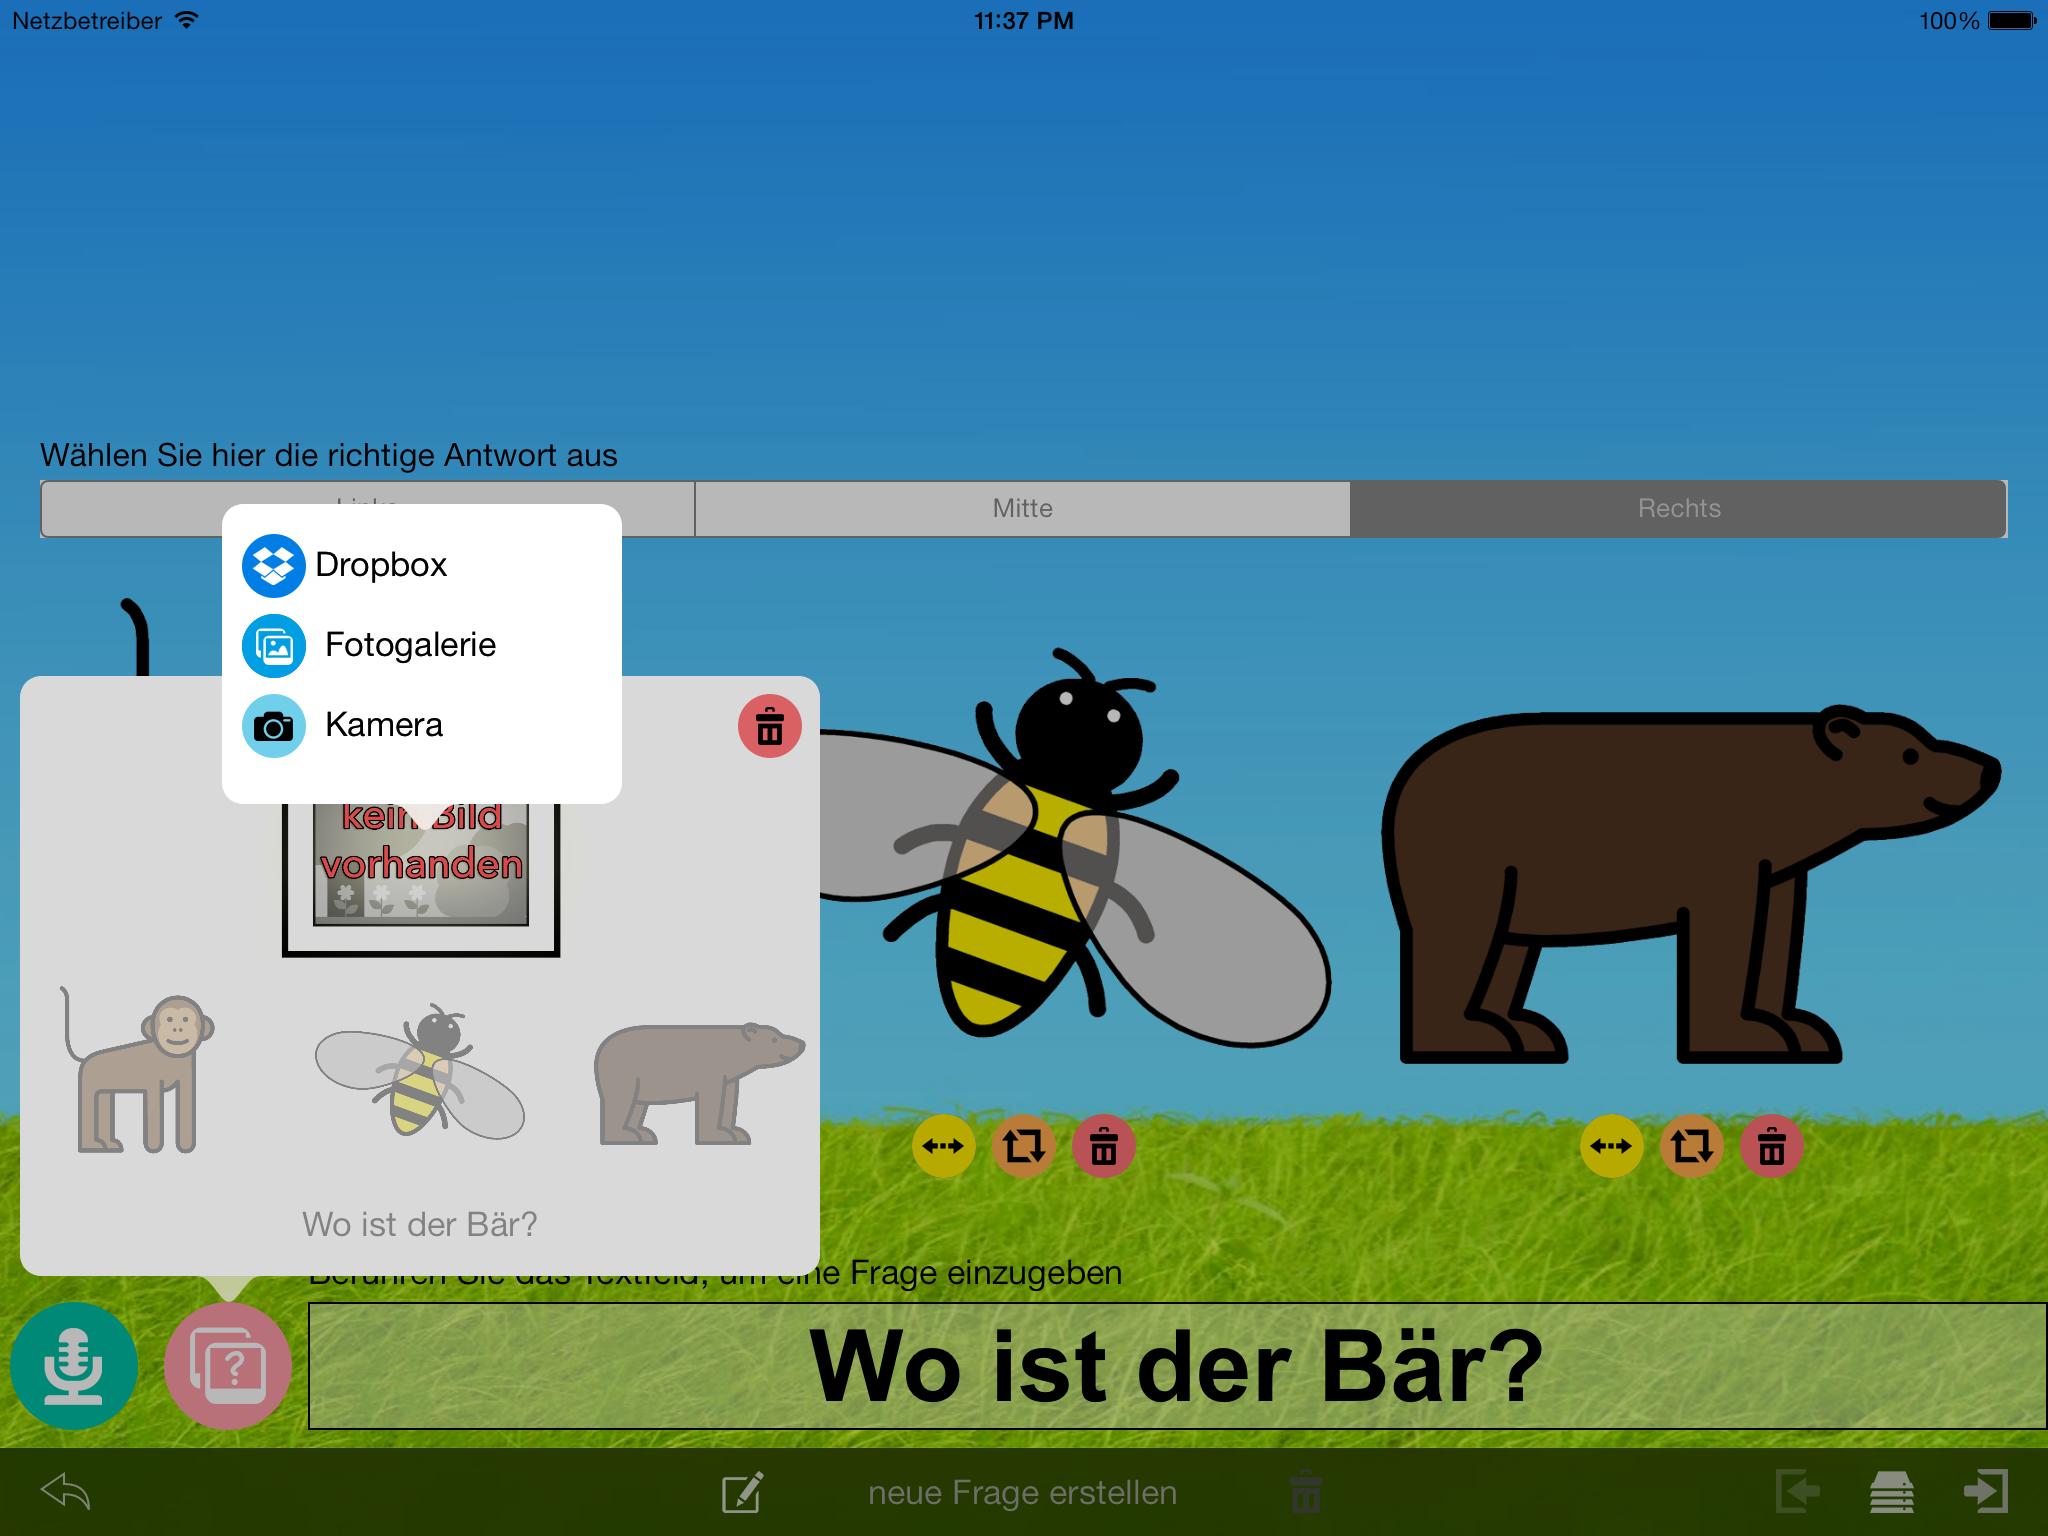 Quizmaker v1.1.1 – Fotos aus Dropbox und von der iPad Kamera